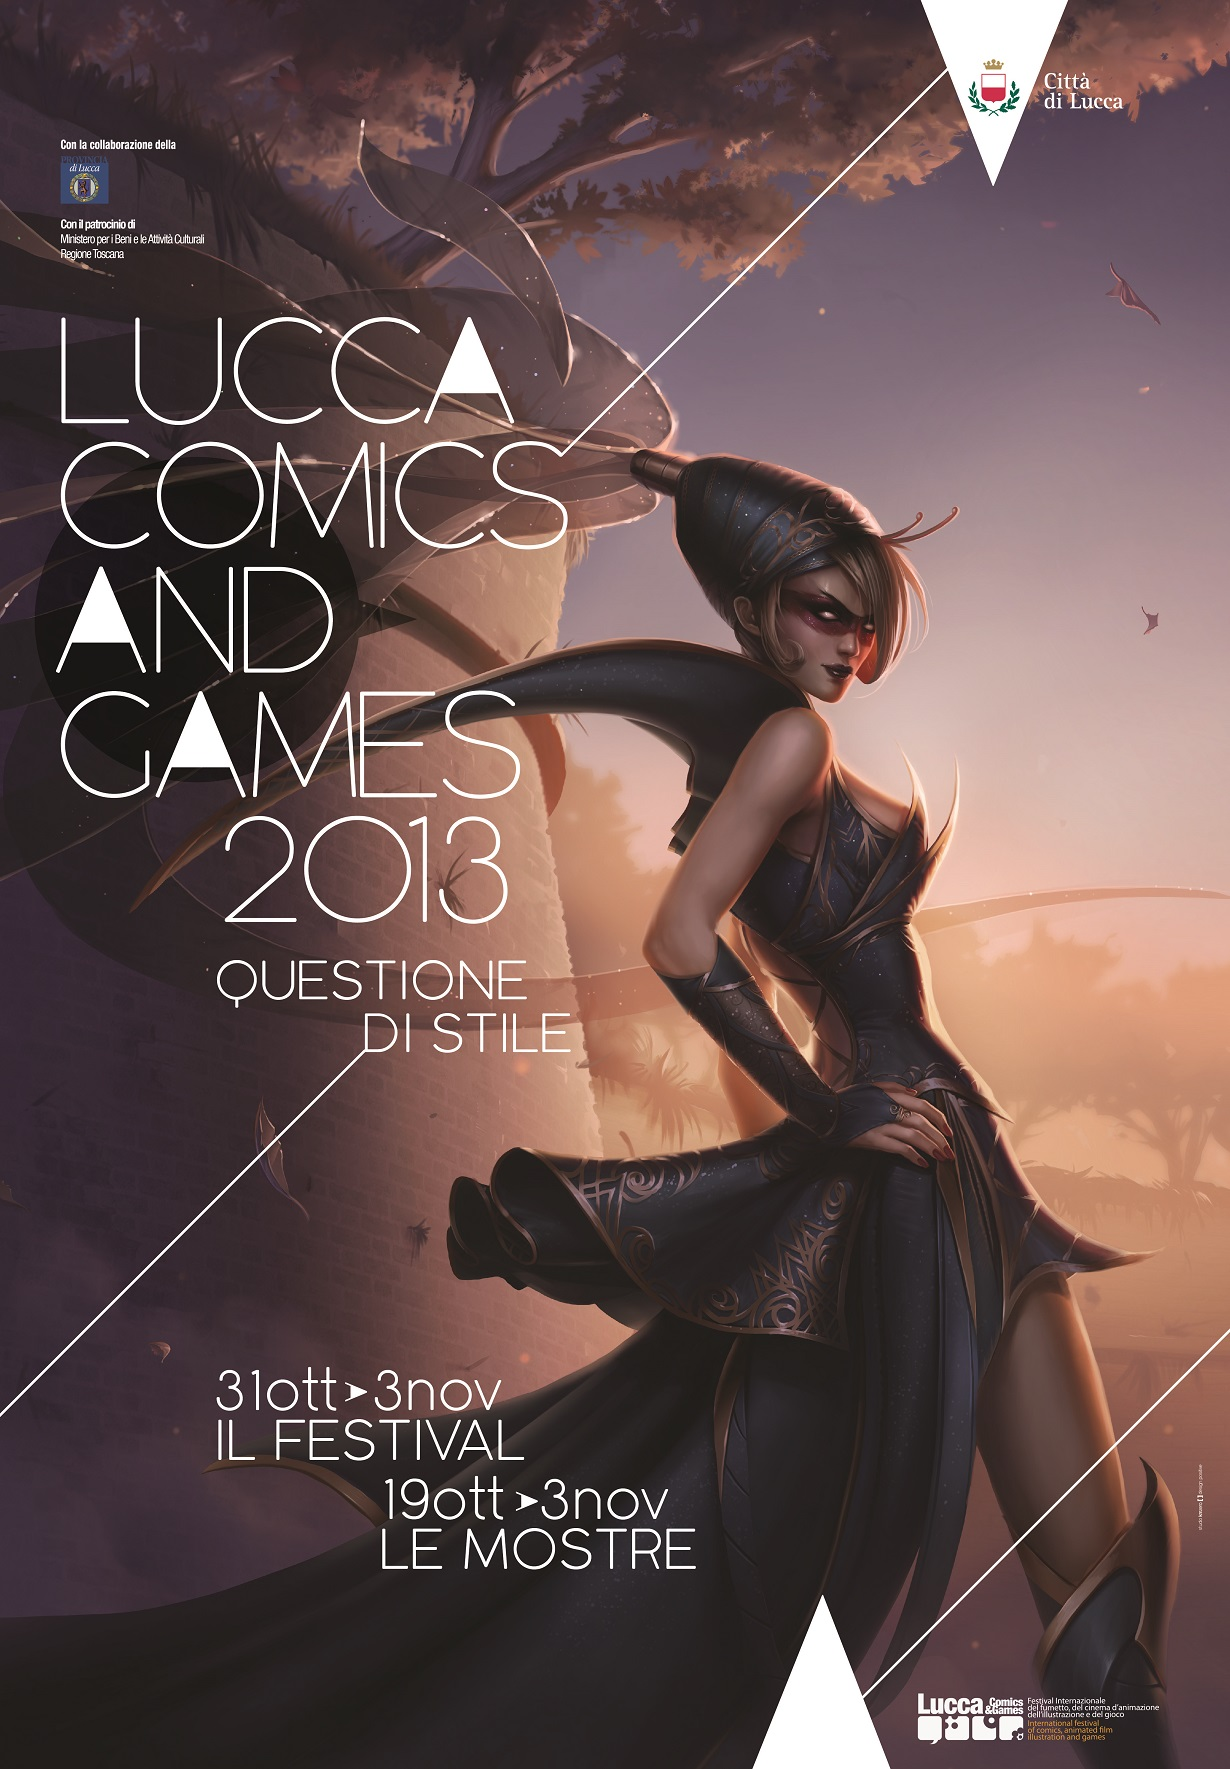 Lucca Comics 2013 manifesto